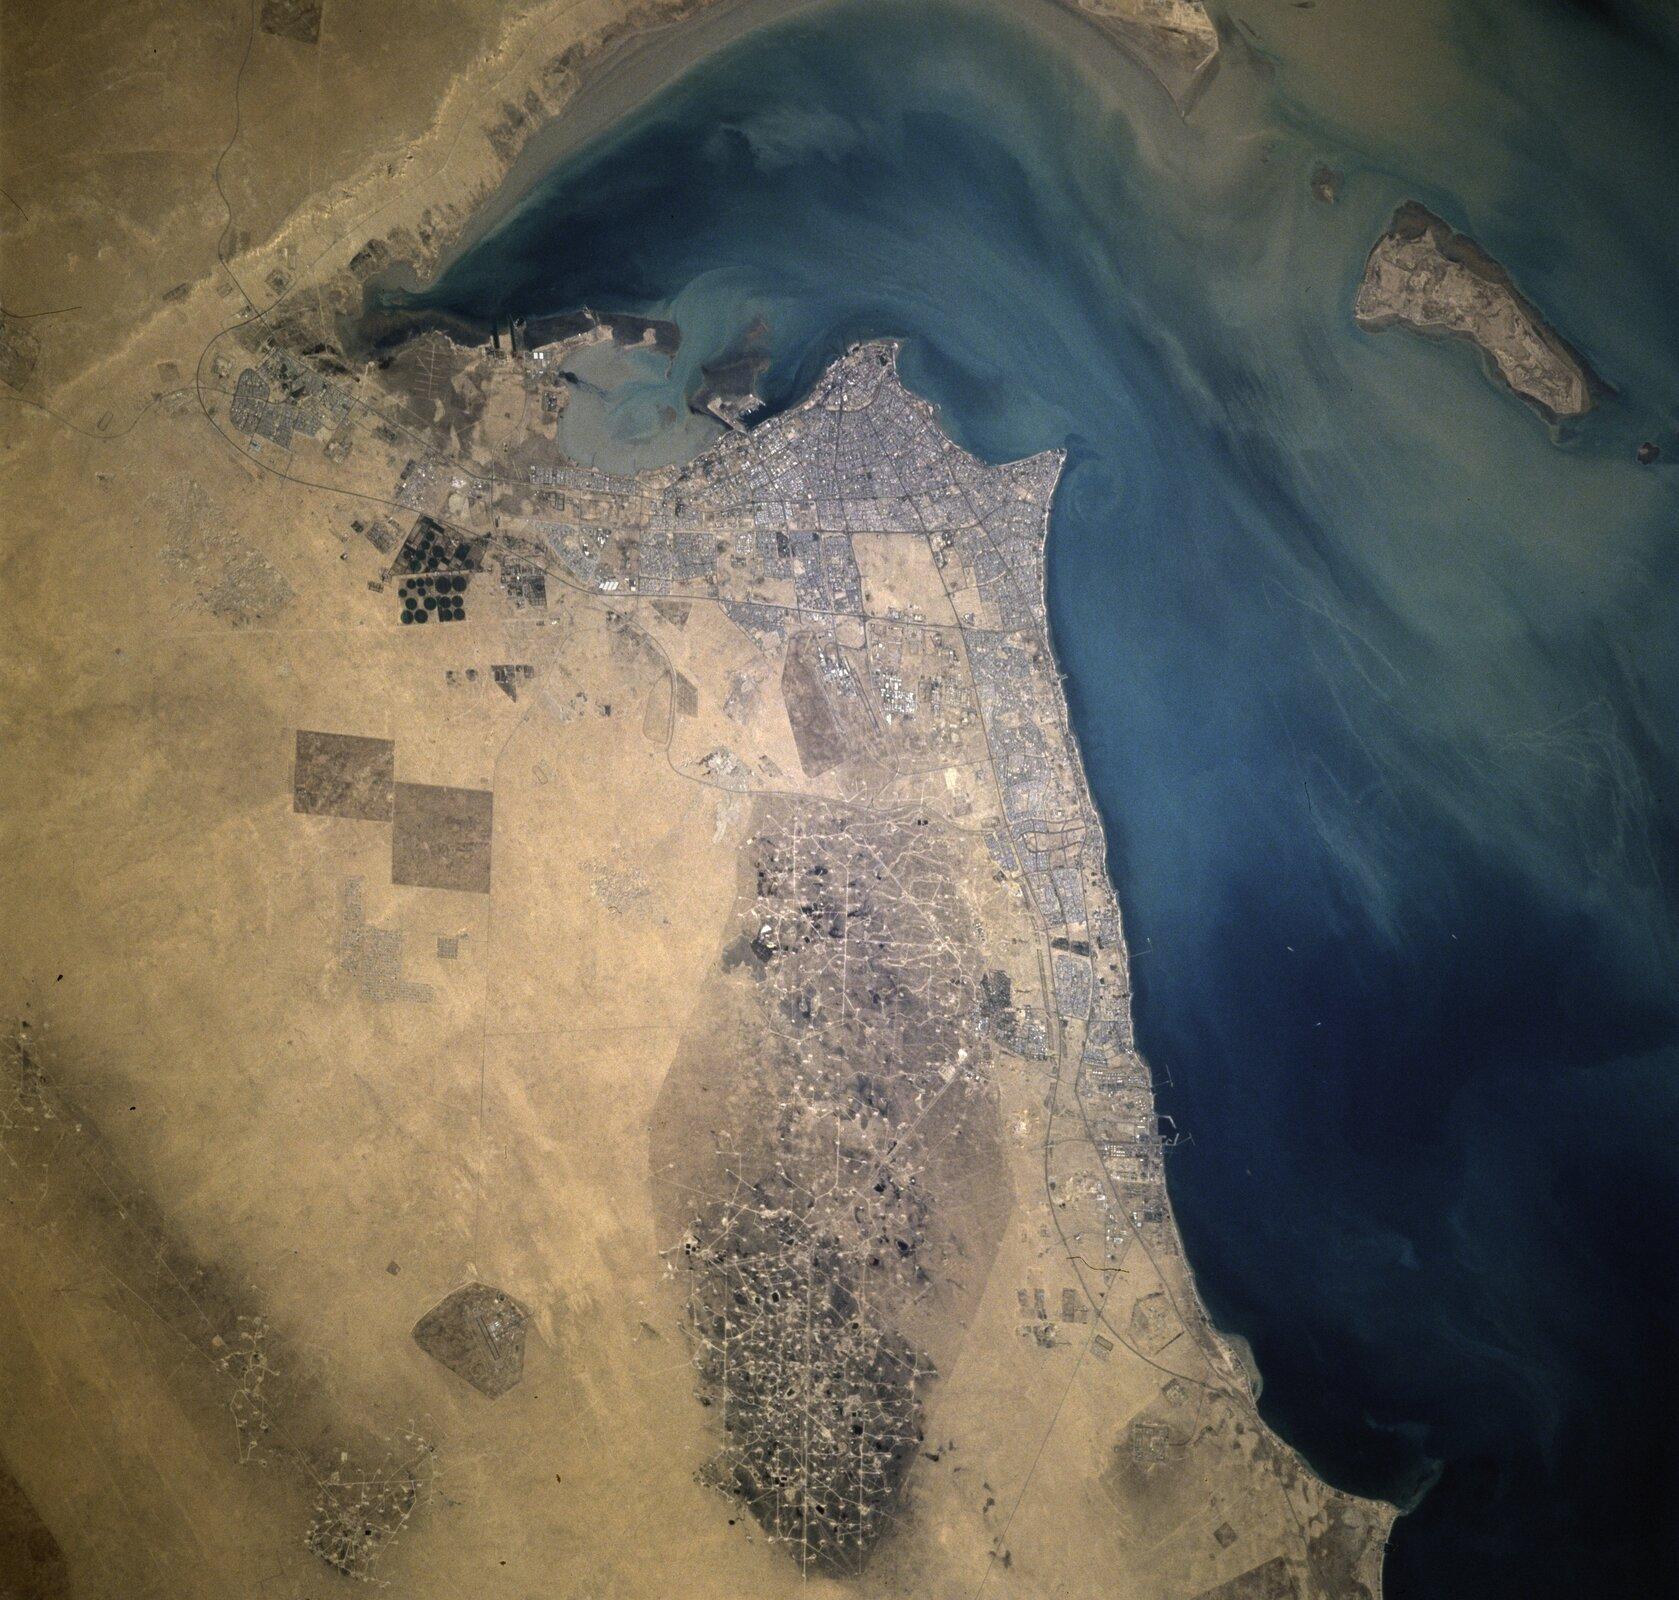 Na zdjęciu satelitarnym ląd położony nad morzem, gęsta zabudowa przy brzegu, dalej rozległe tereny pozbawione roślinności izabudowań, gdzieniegdzie ciemniejsze plamy.